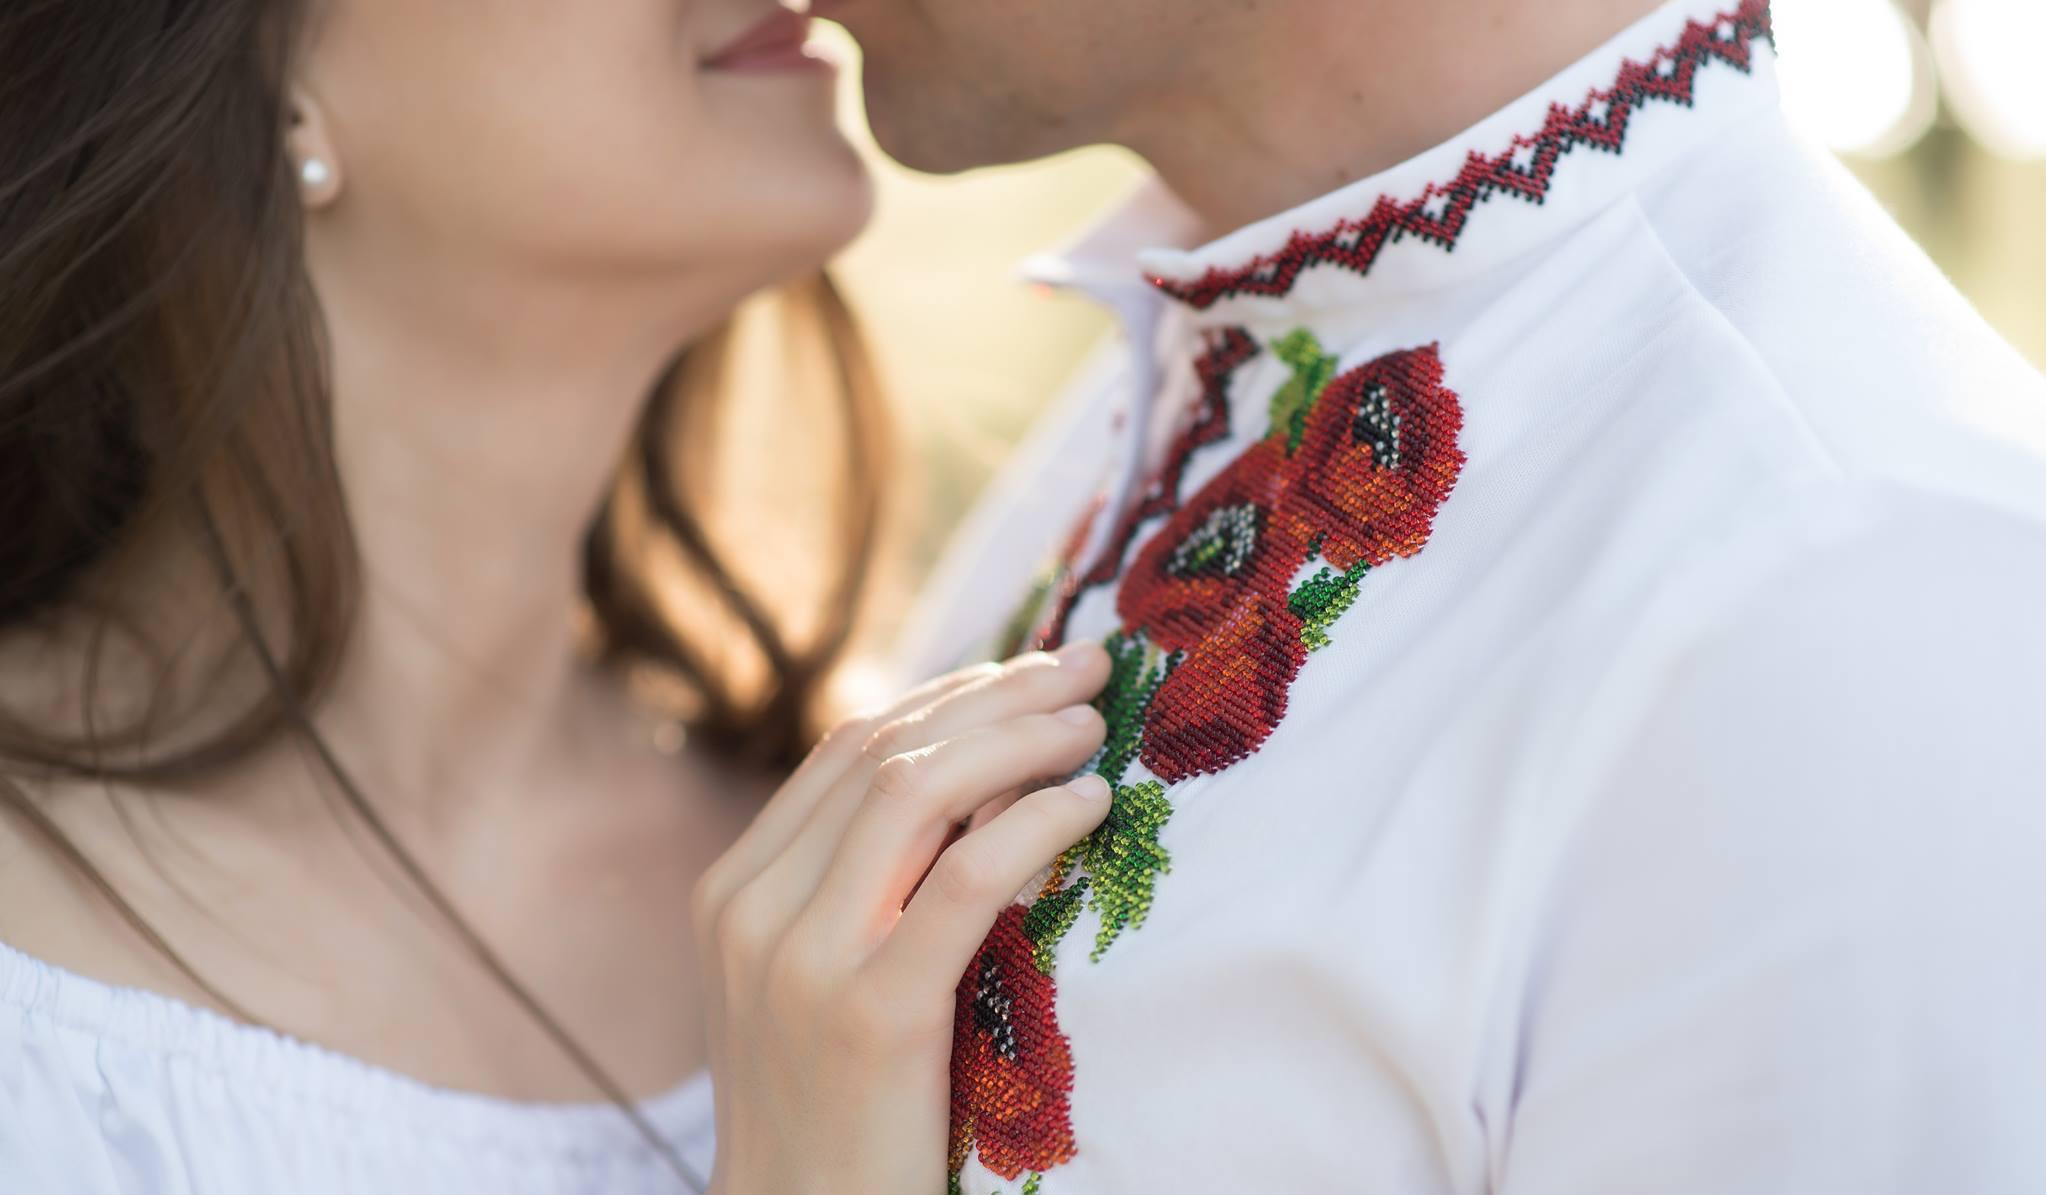 Пара из Украины отличилась в проекте о семейных ценностях